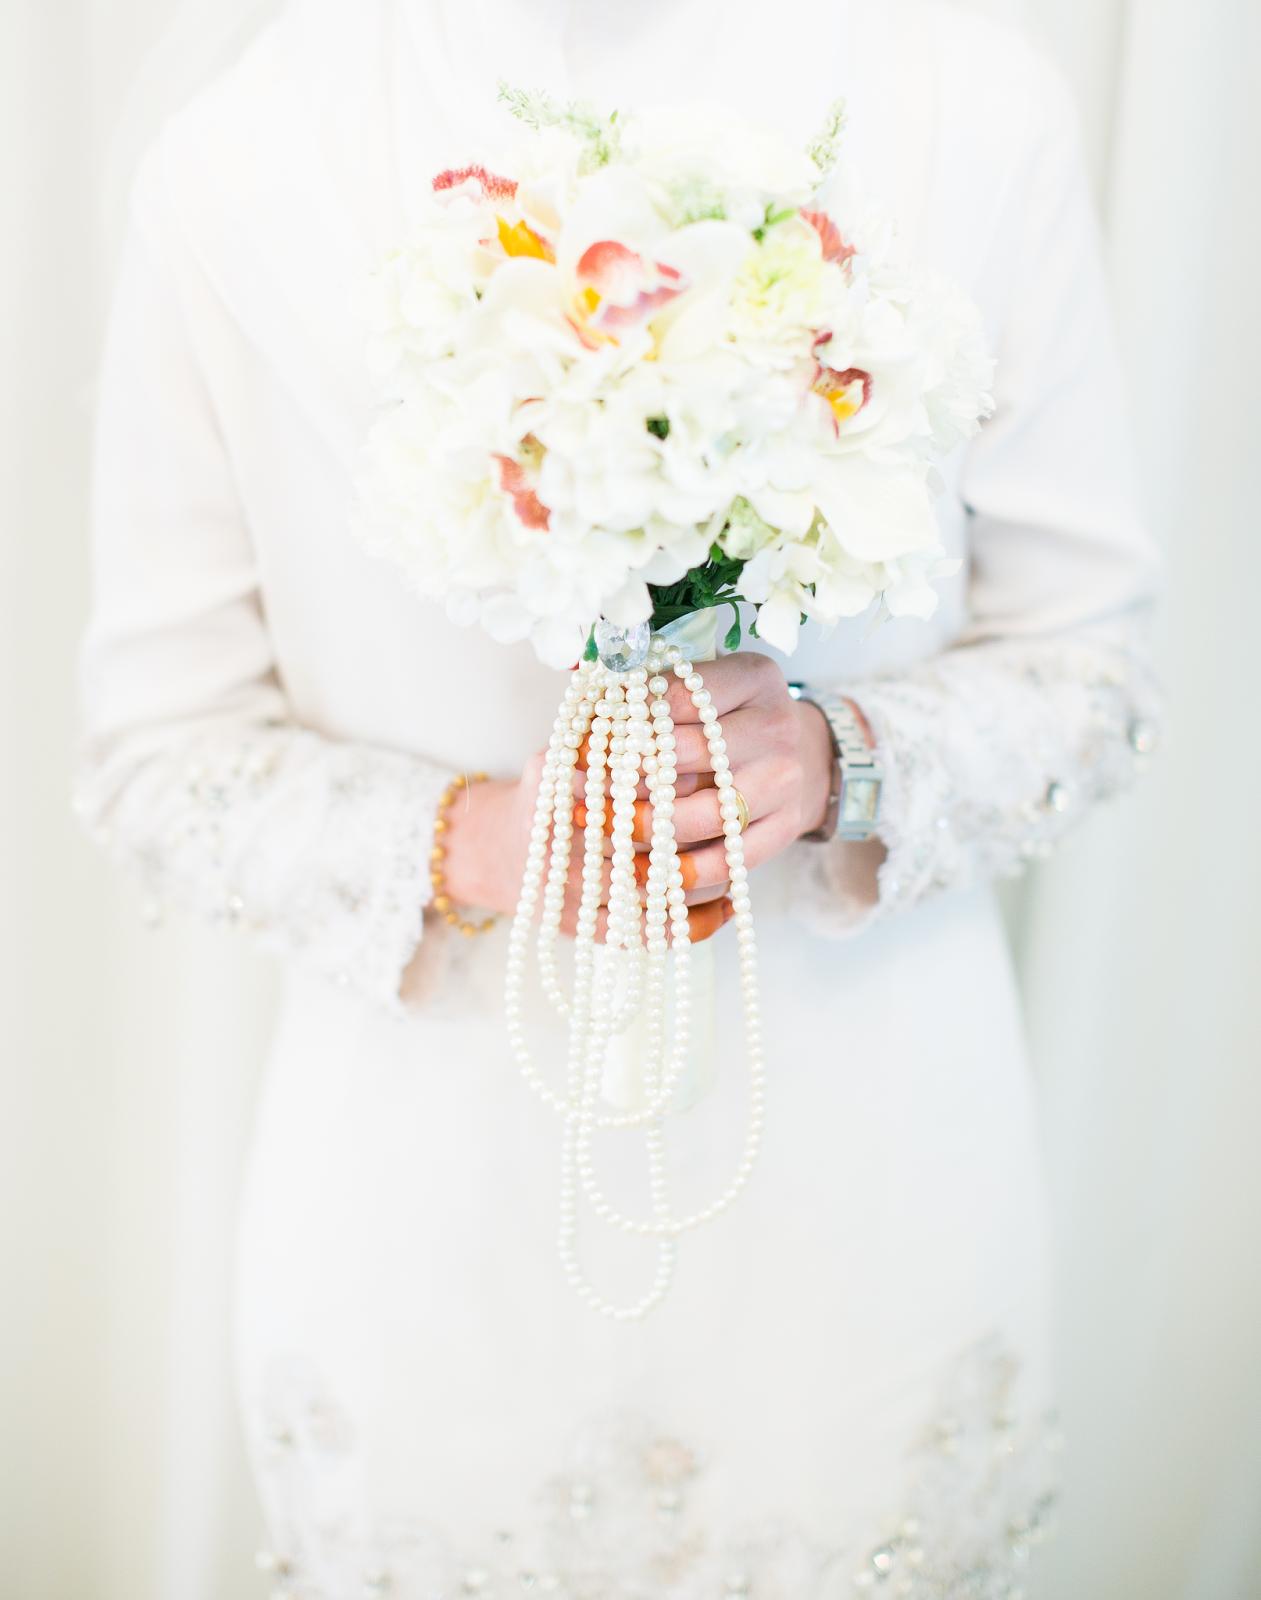 Dais & akad nikah dress from Nurza Wedding House , Kota Bharu